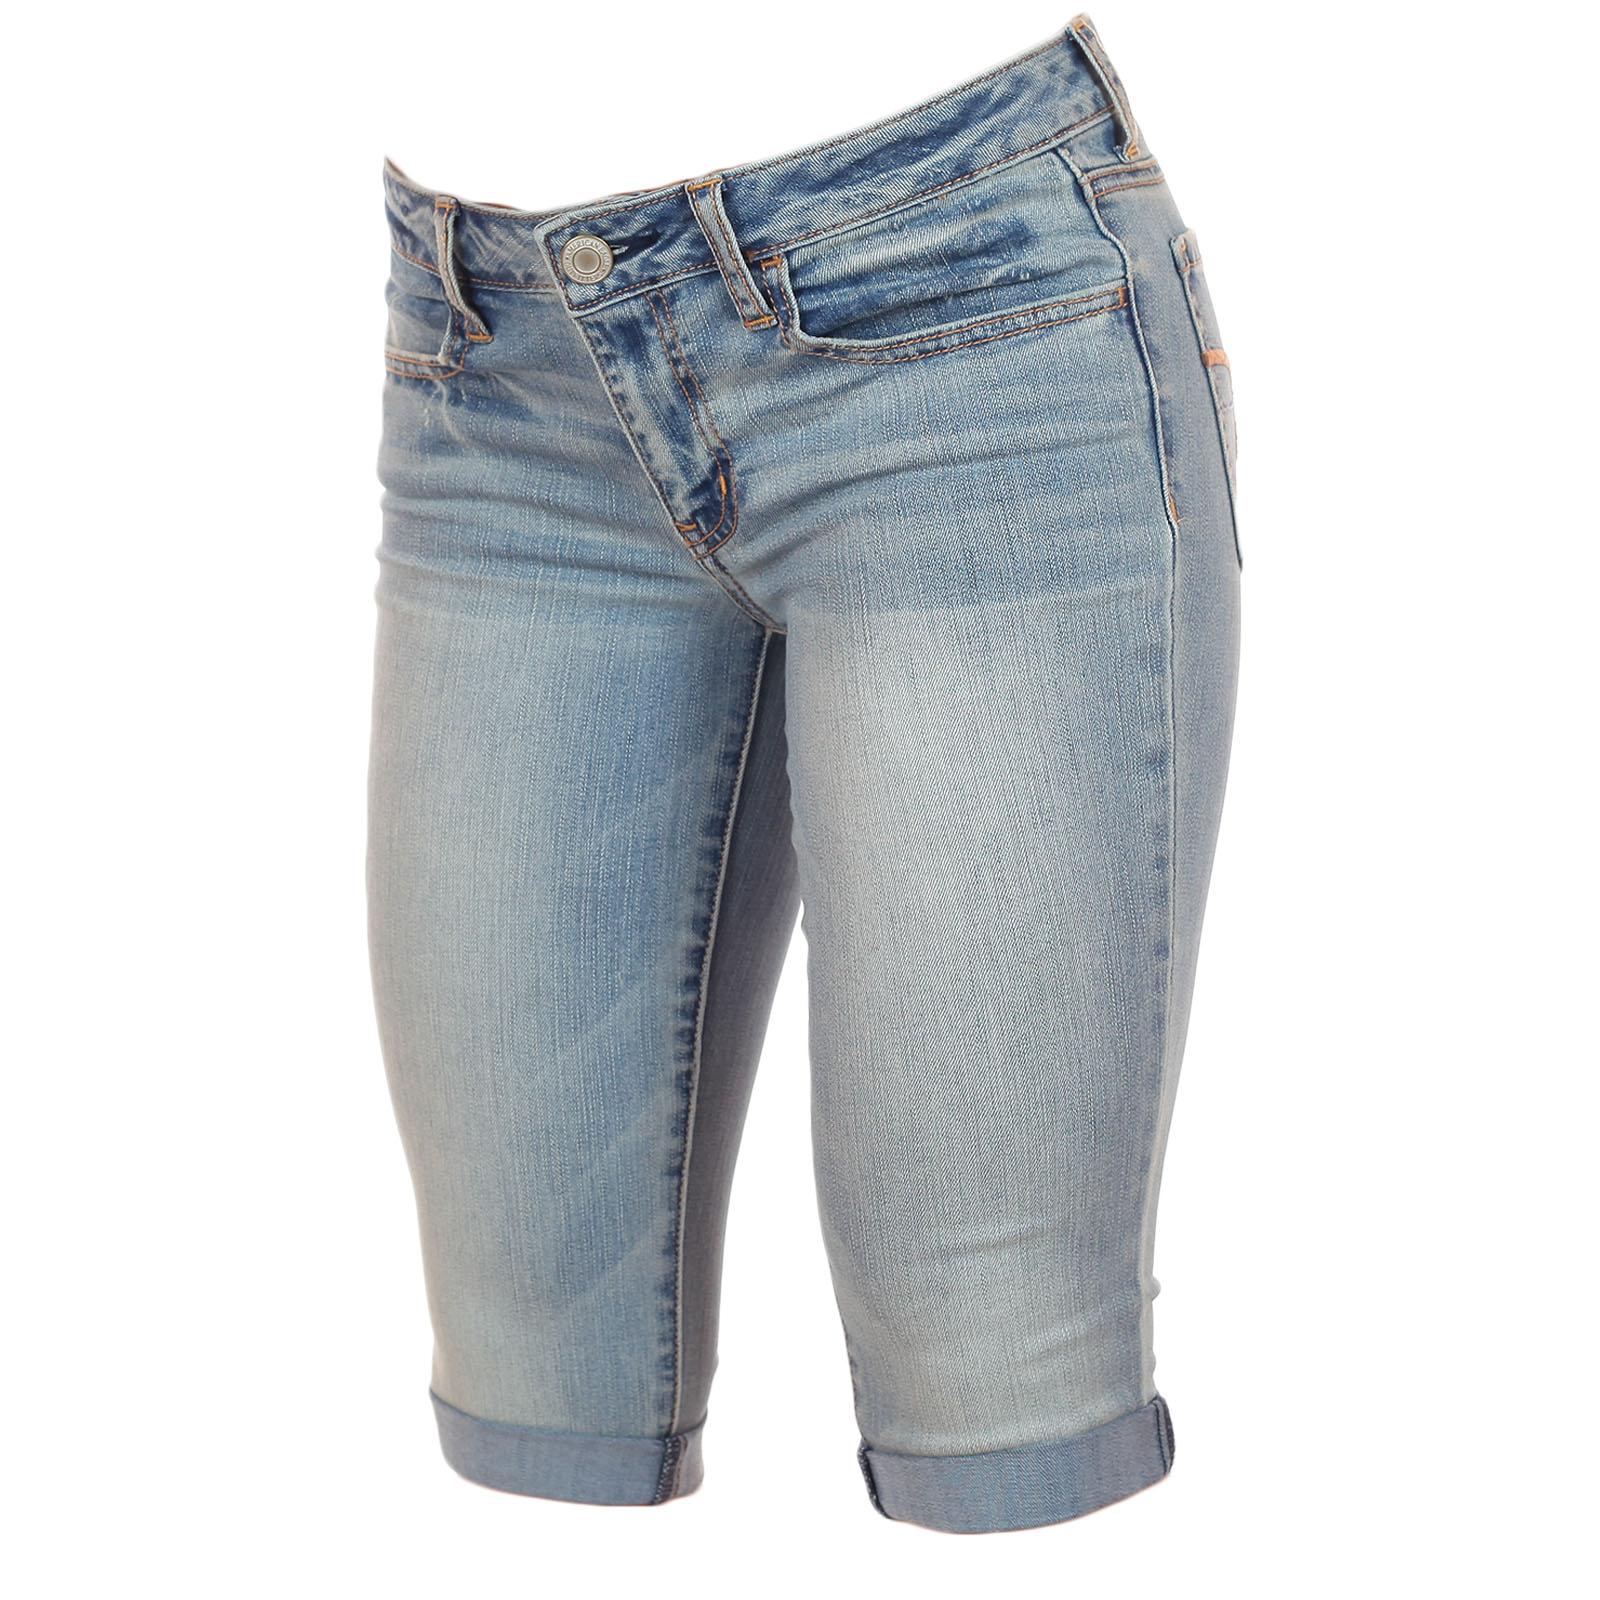 Купить топовые джинсовые бриджики от American Eagle®, будь неотразимой дерзкой и сексуальной этим летом!